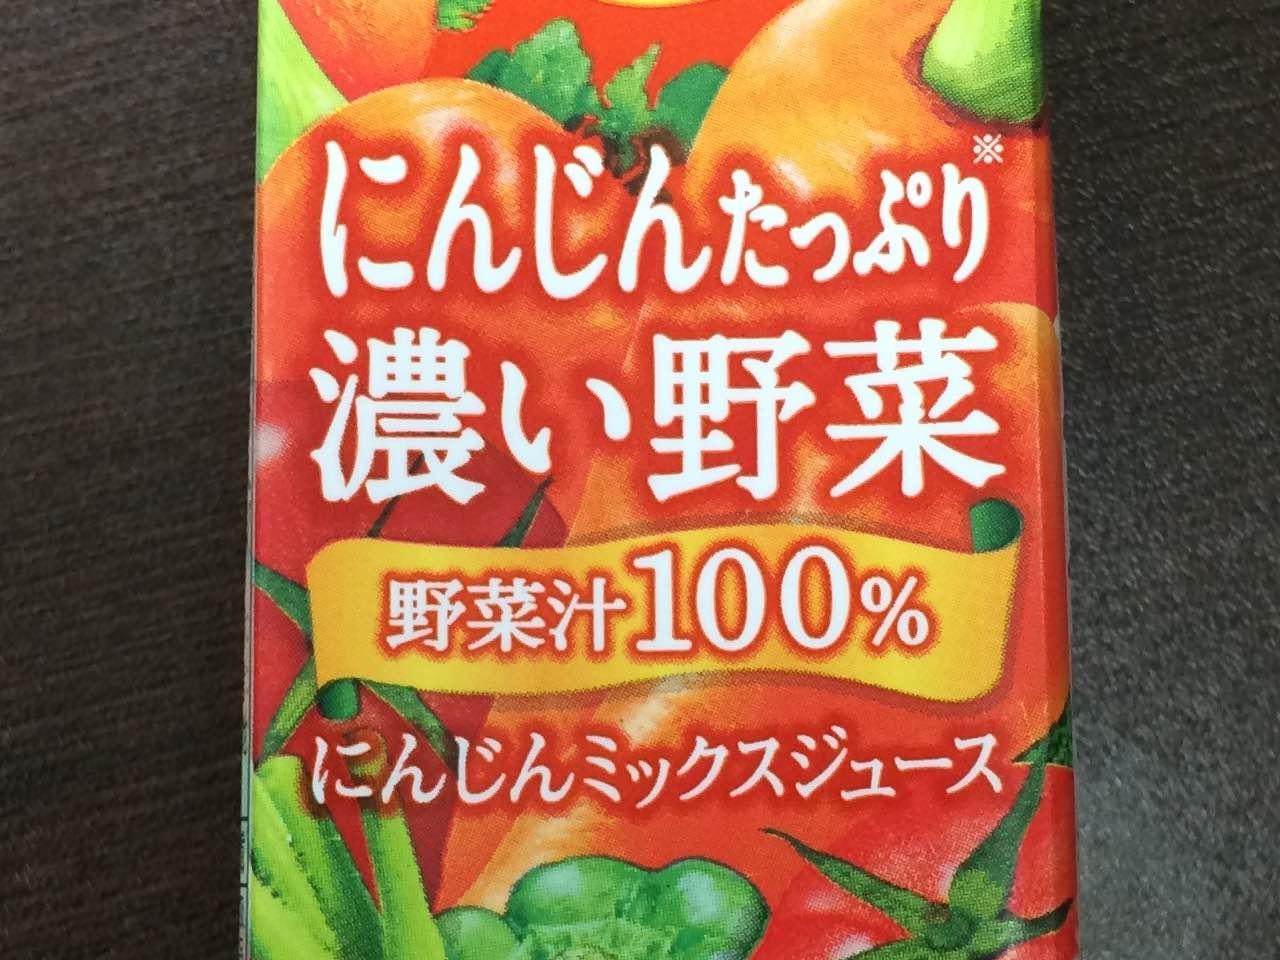 無添加野菜 にんじんたっぷり濃い野菜